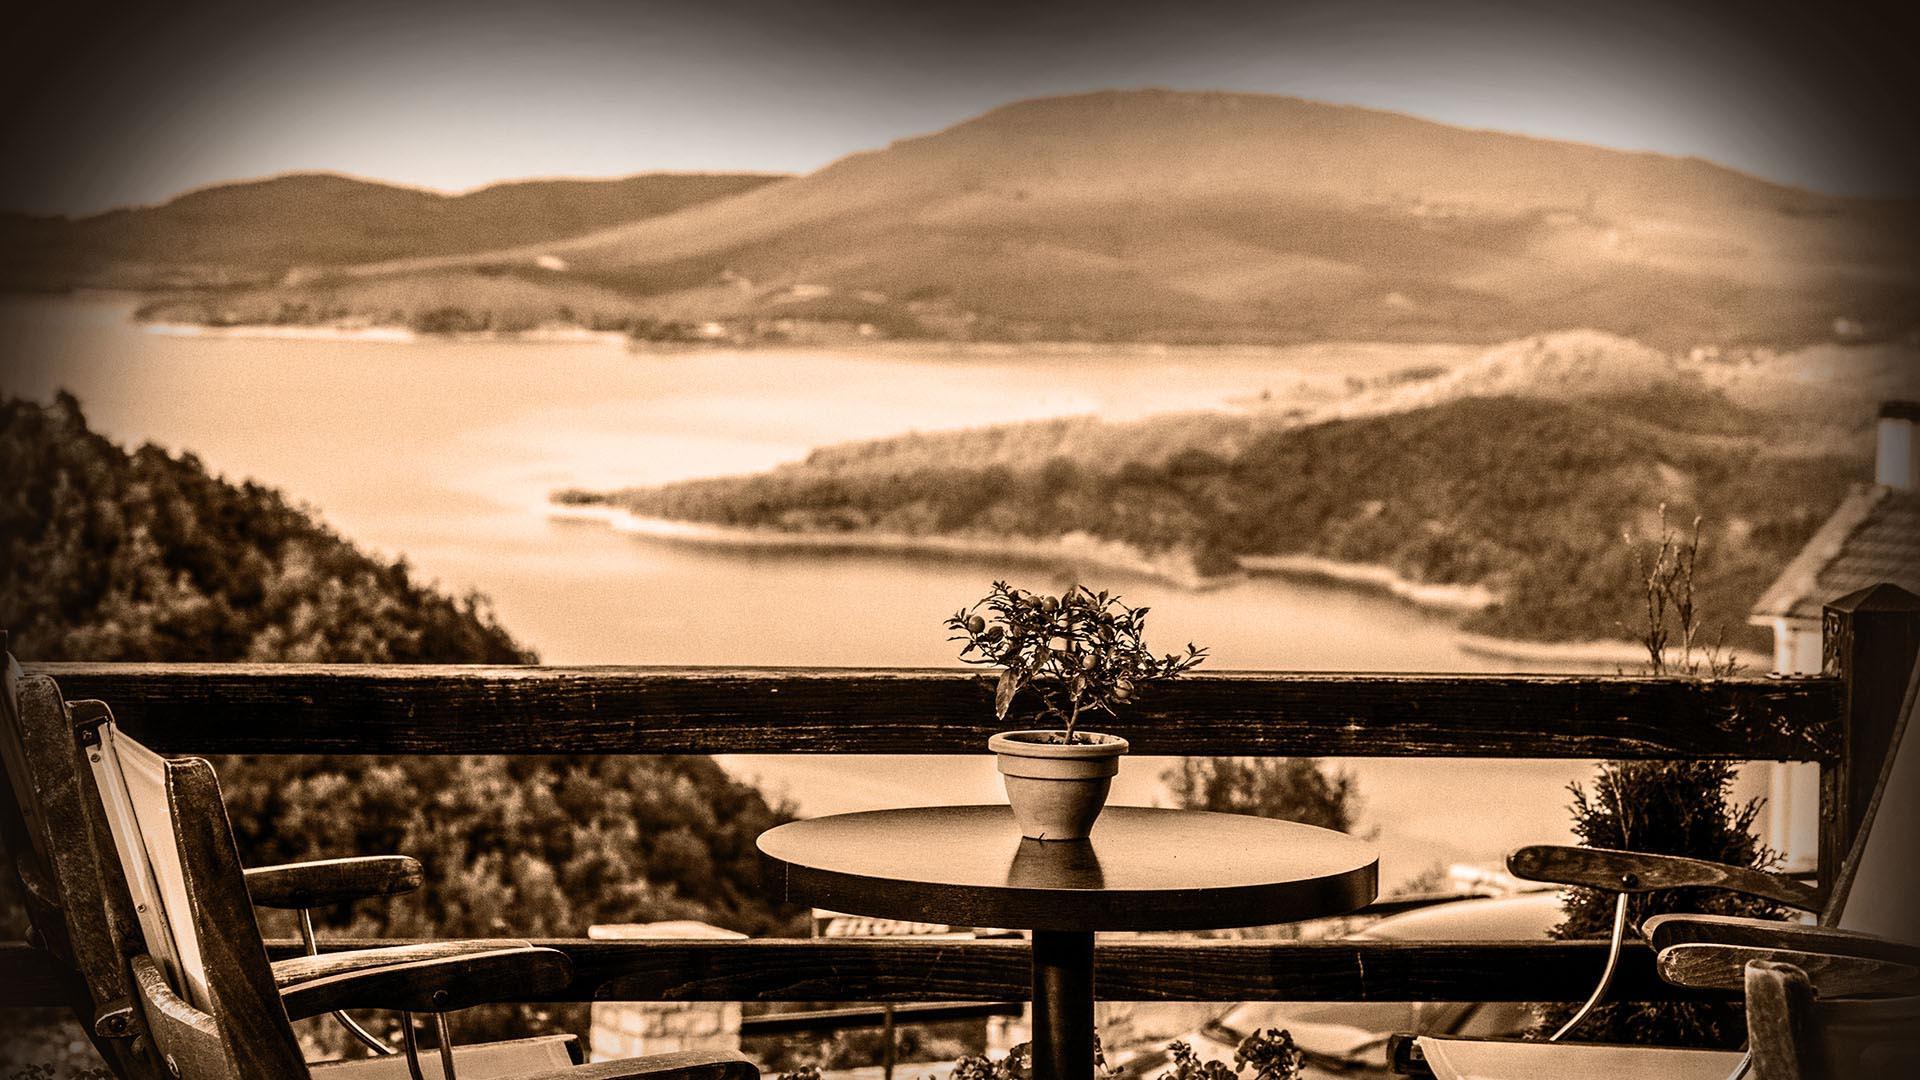 Ξενώνας λίμνη Πλαστήρα